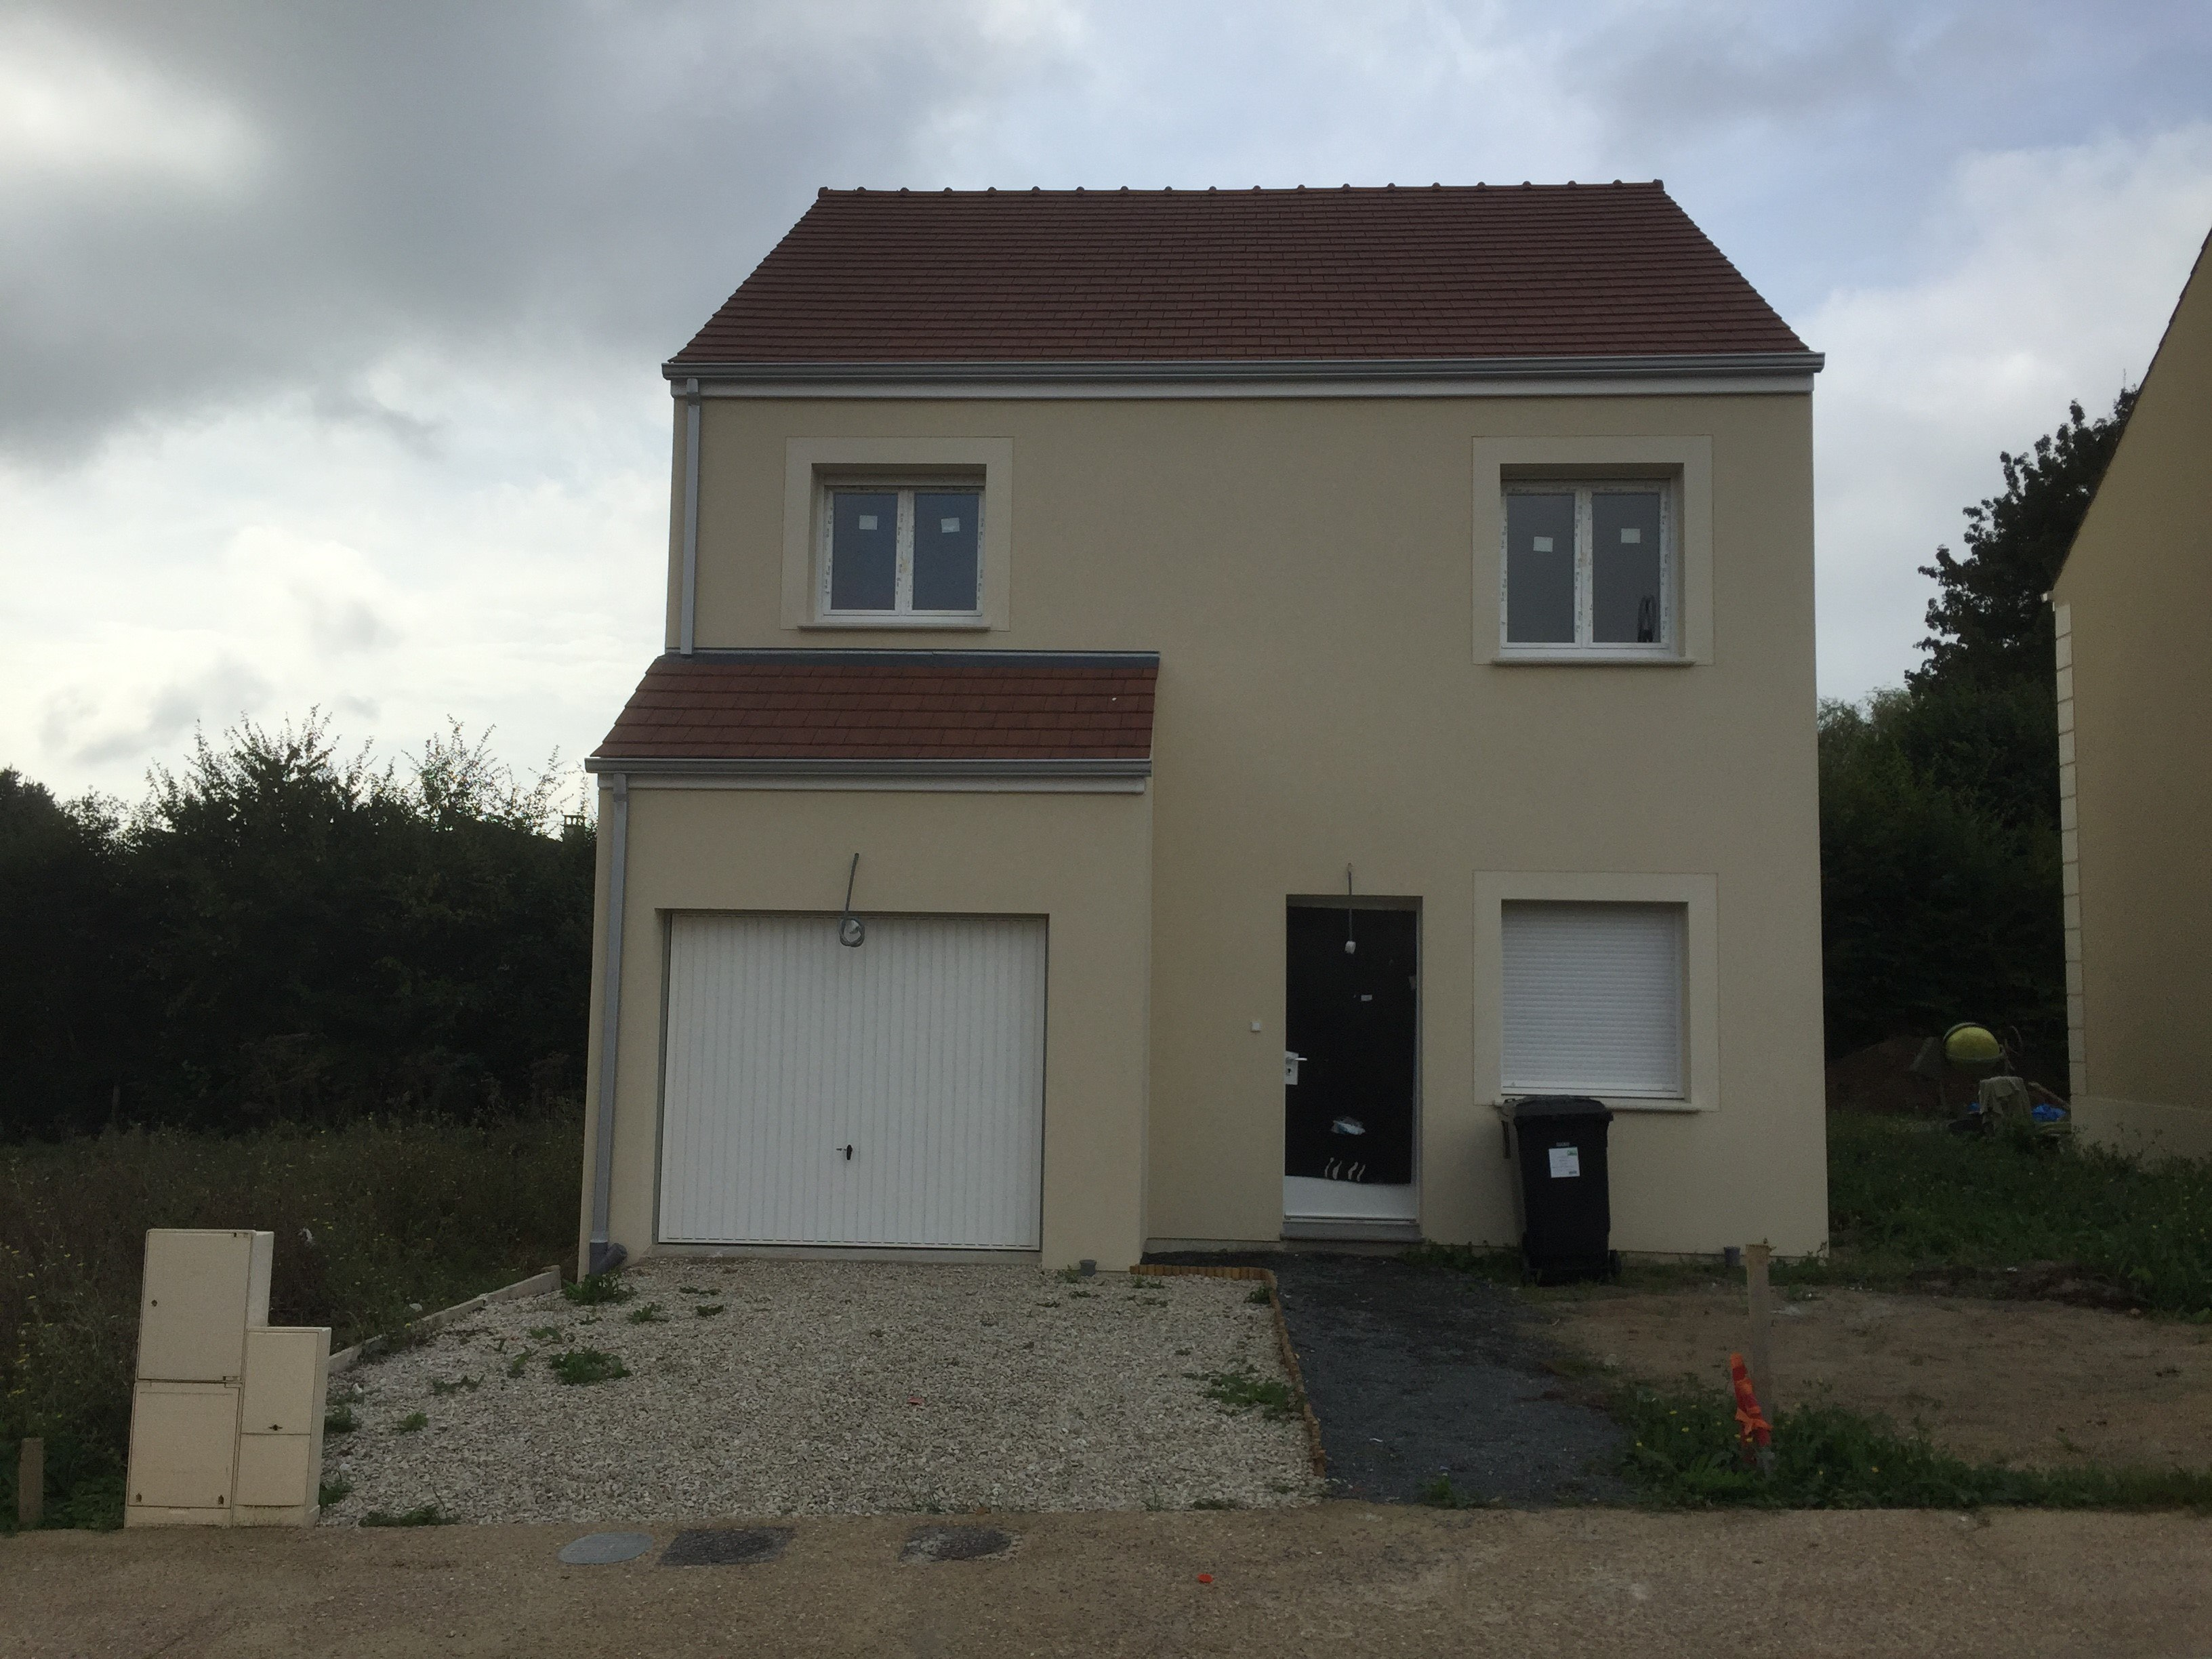 Maison + terrain à MARLY-LA-VILLE 95670 dans le VAL D'OISE